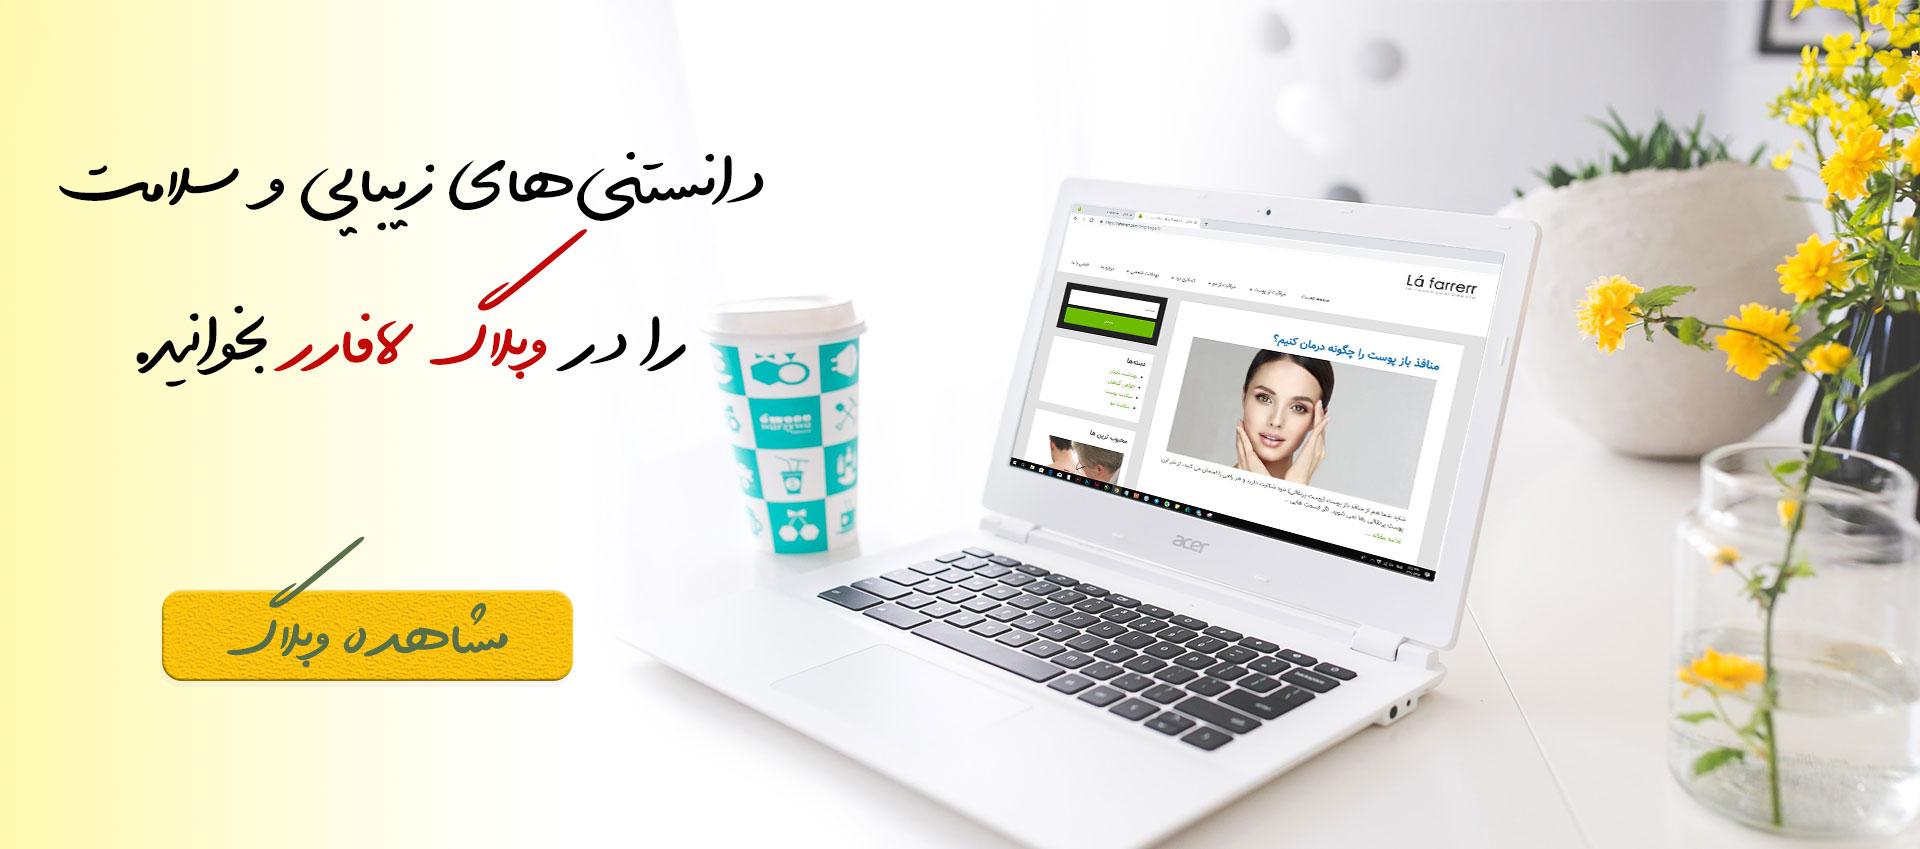 بلاگ لافارر